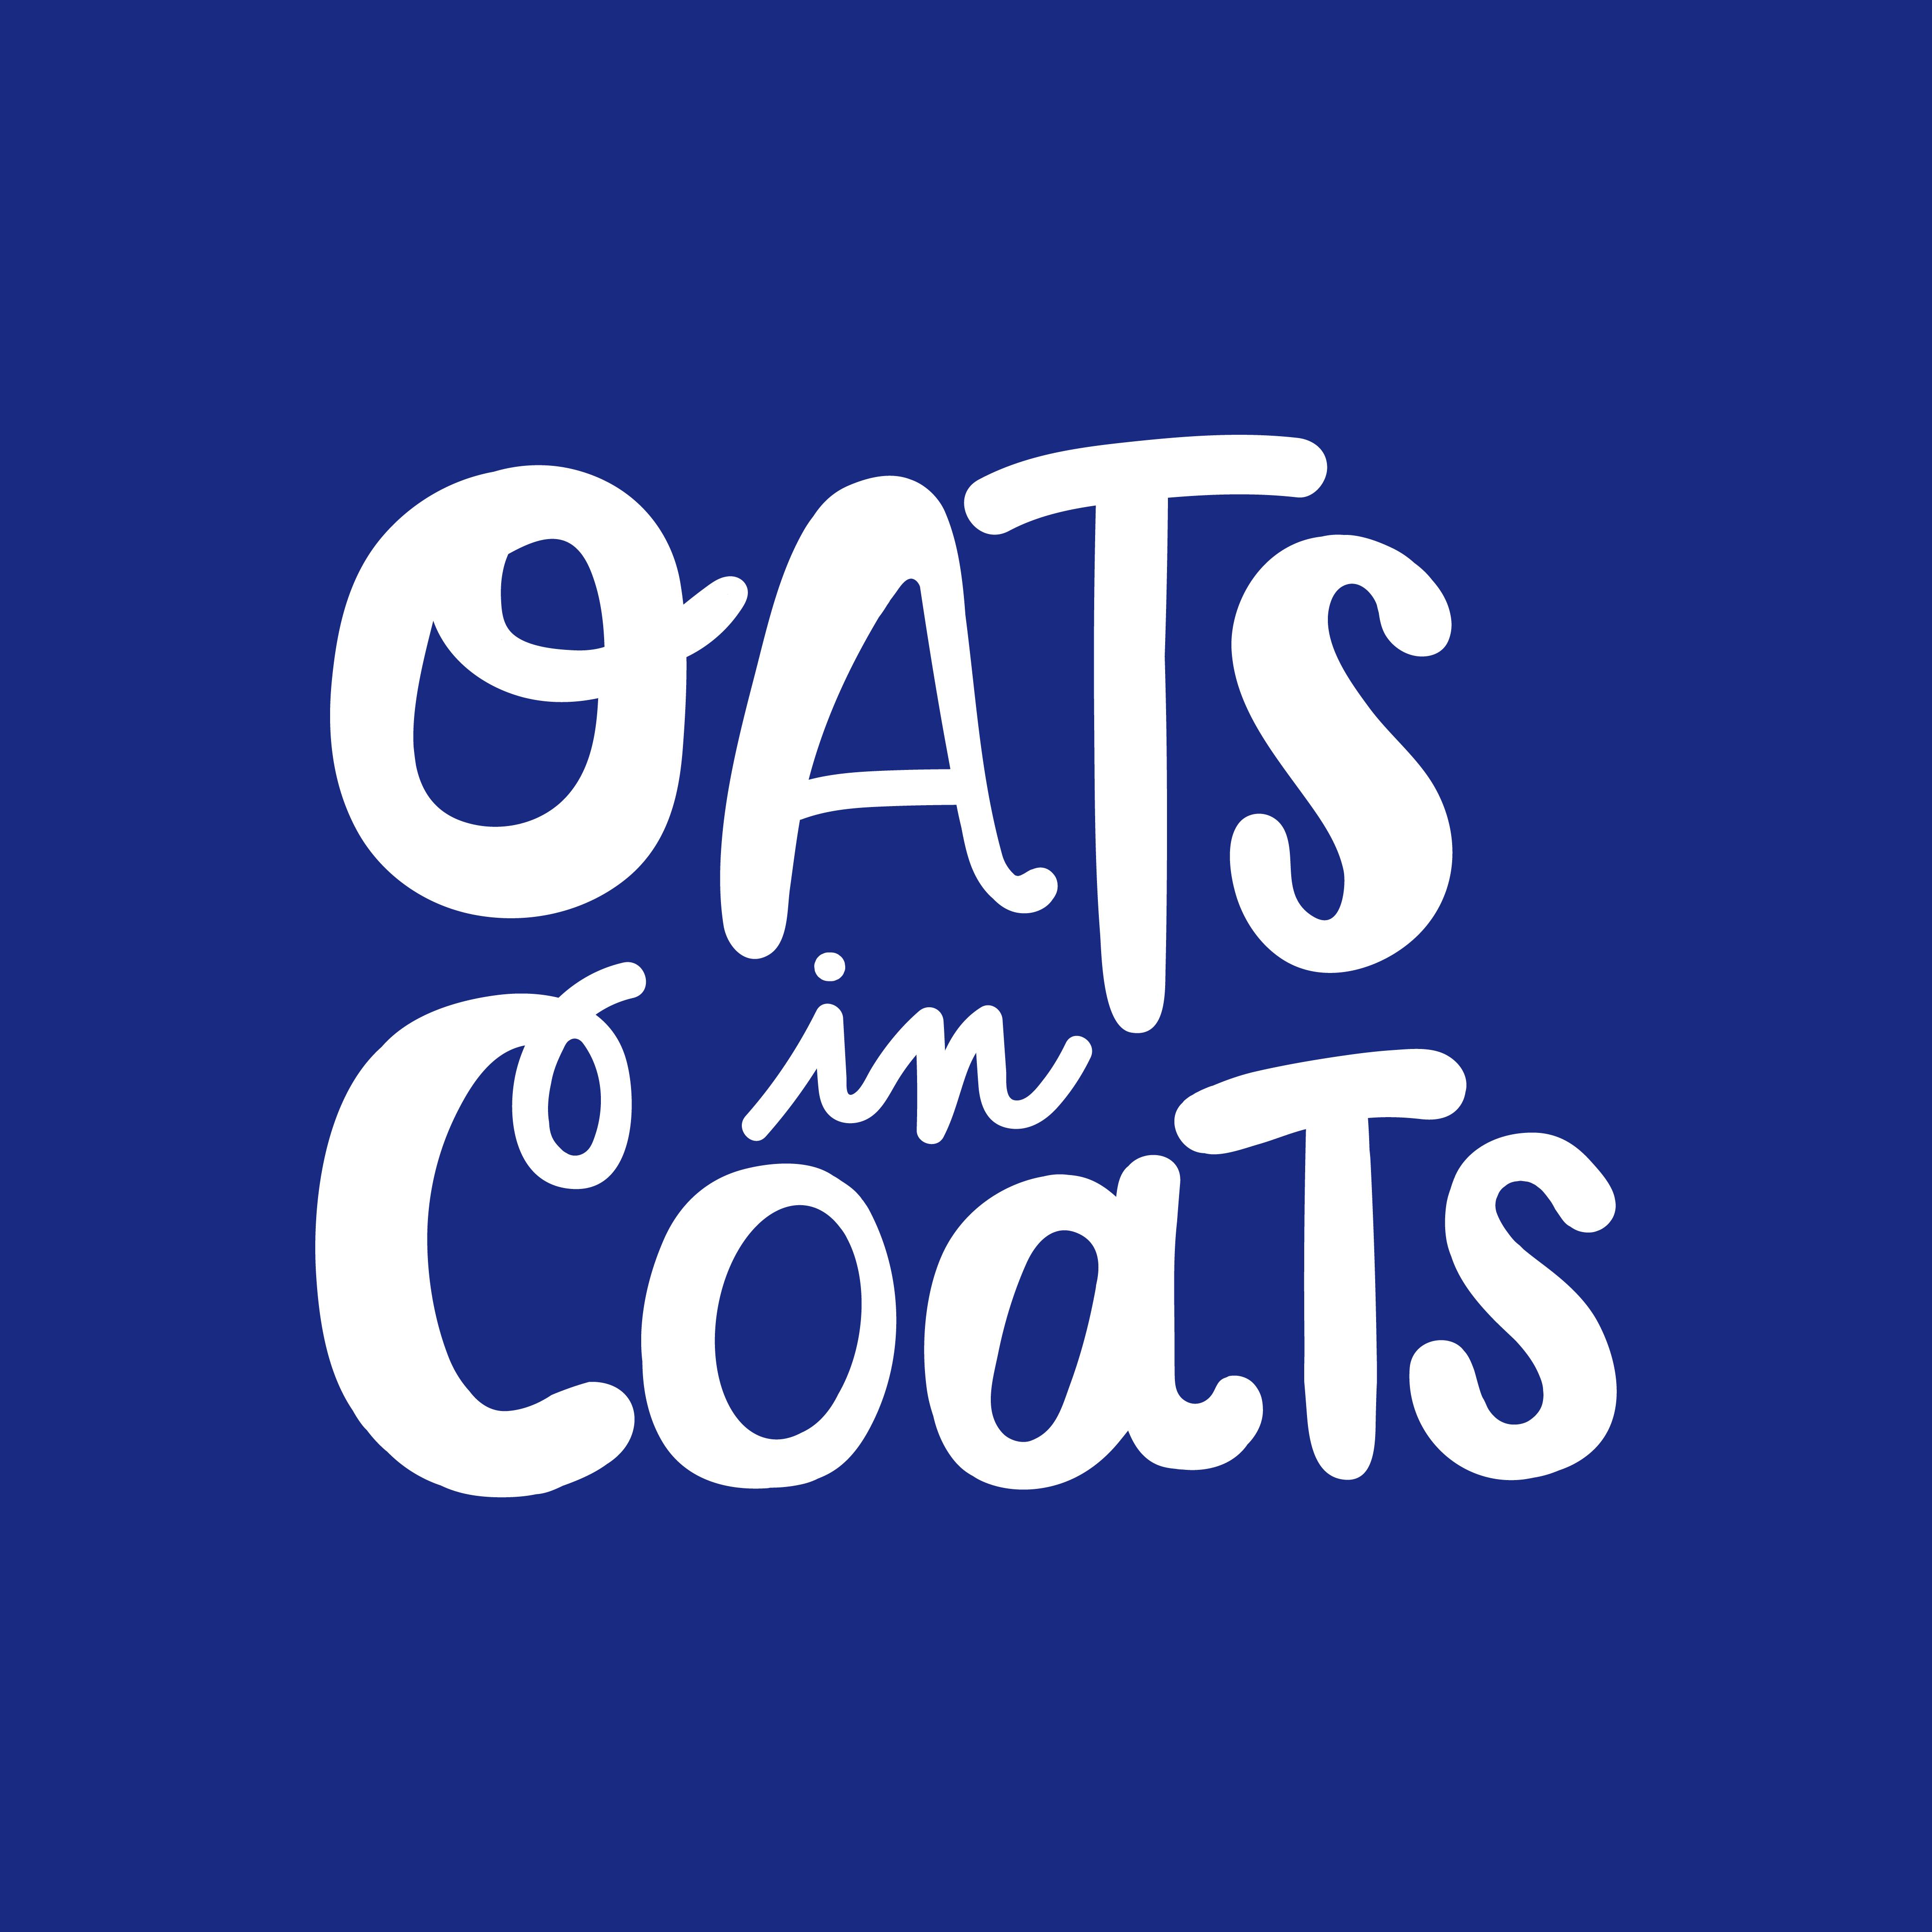 Oats in Coats